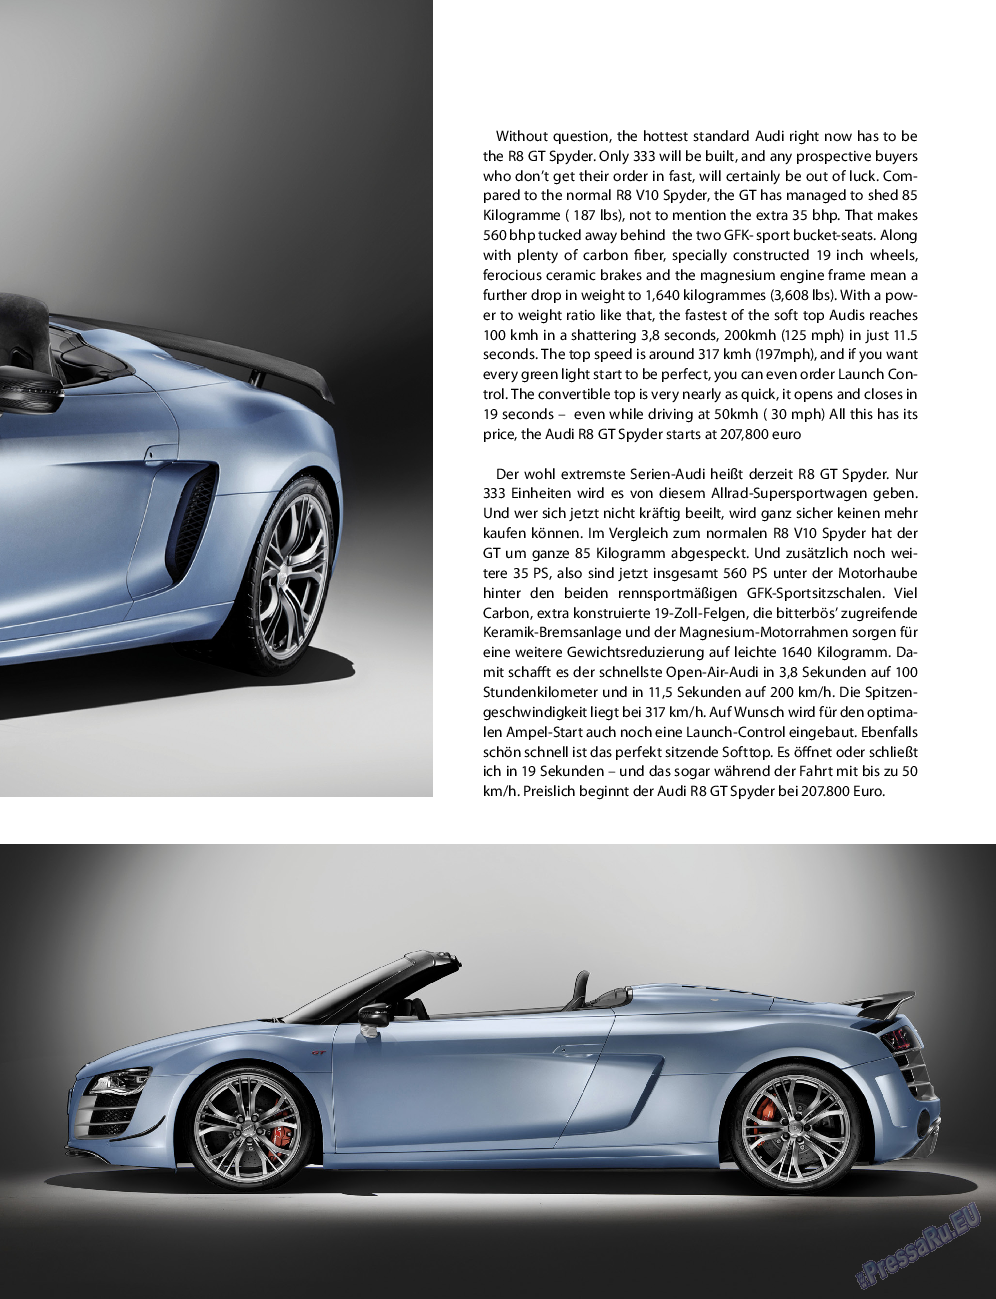 Клан (журнал). 2012 год, номер 3, стр. 29